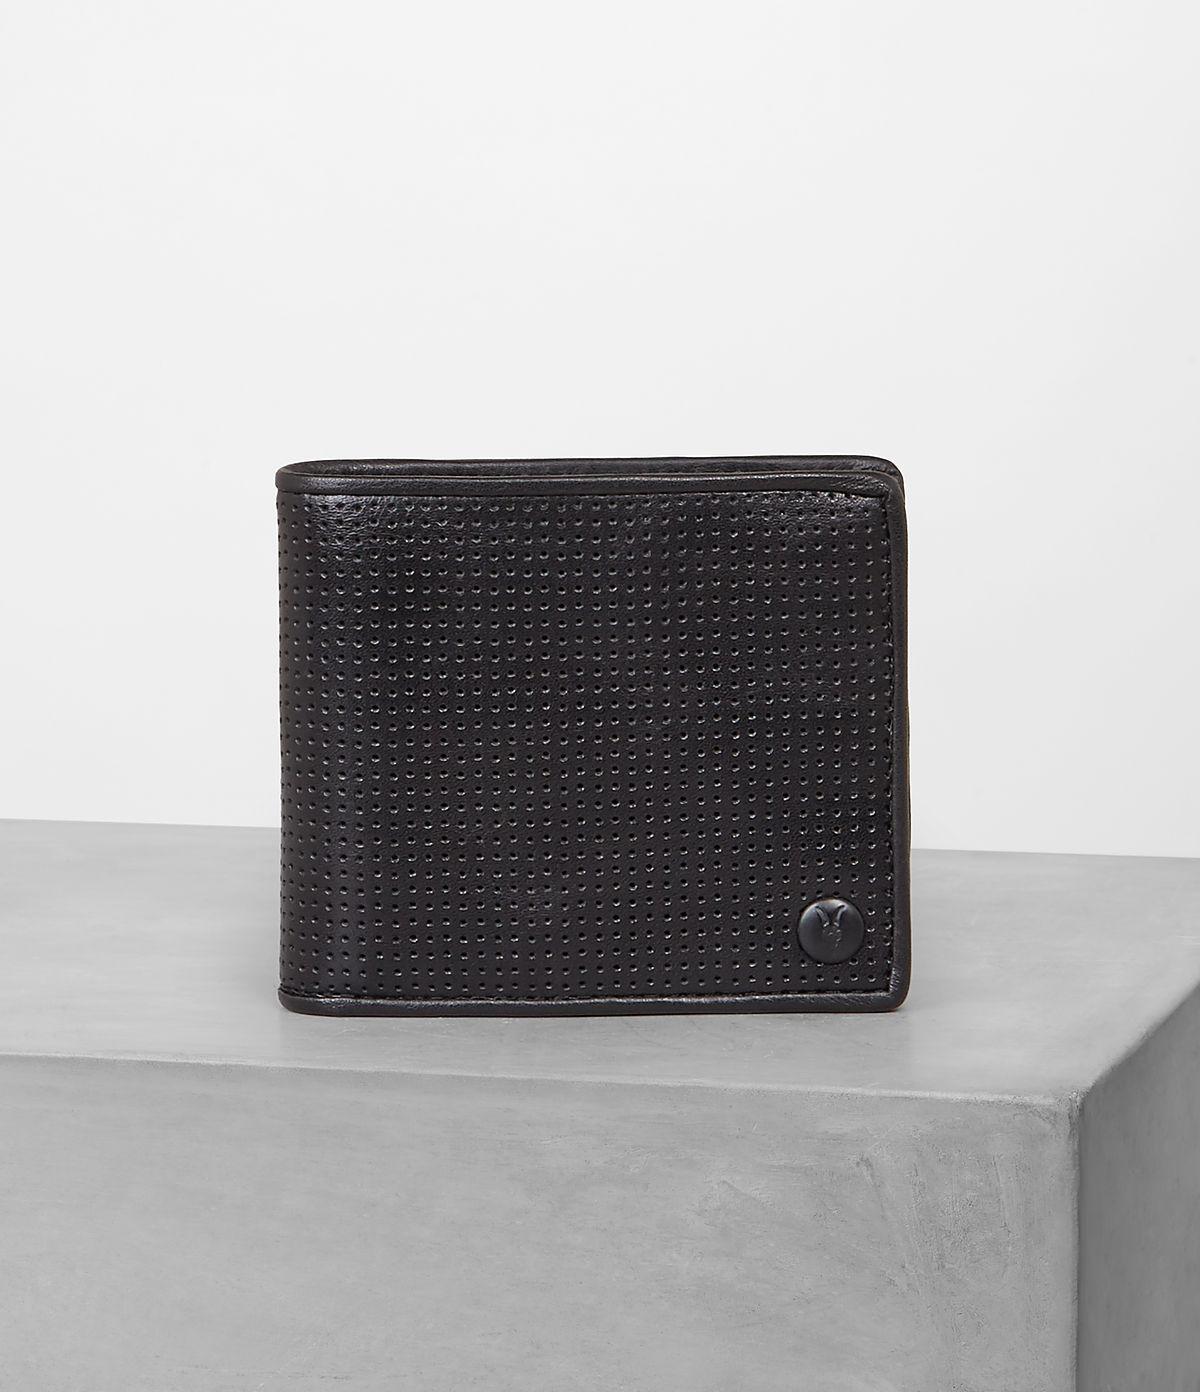 blyth-wallet